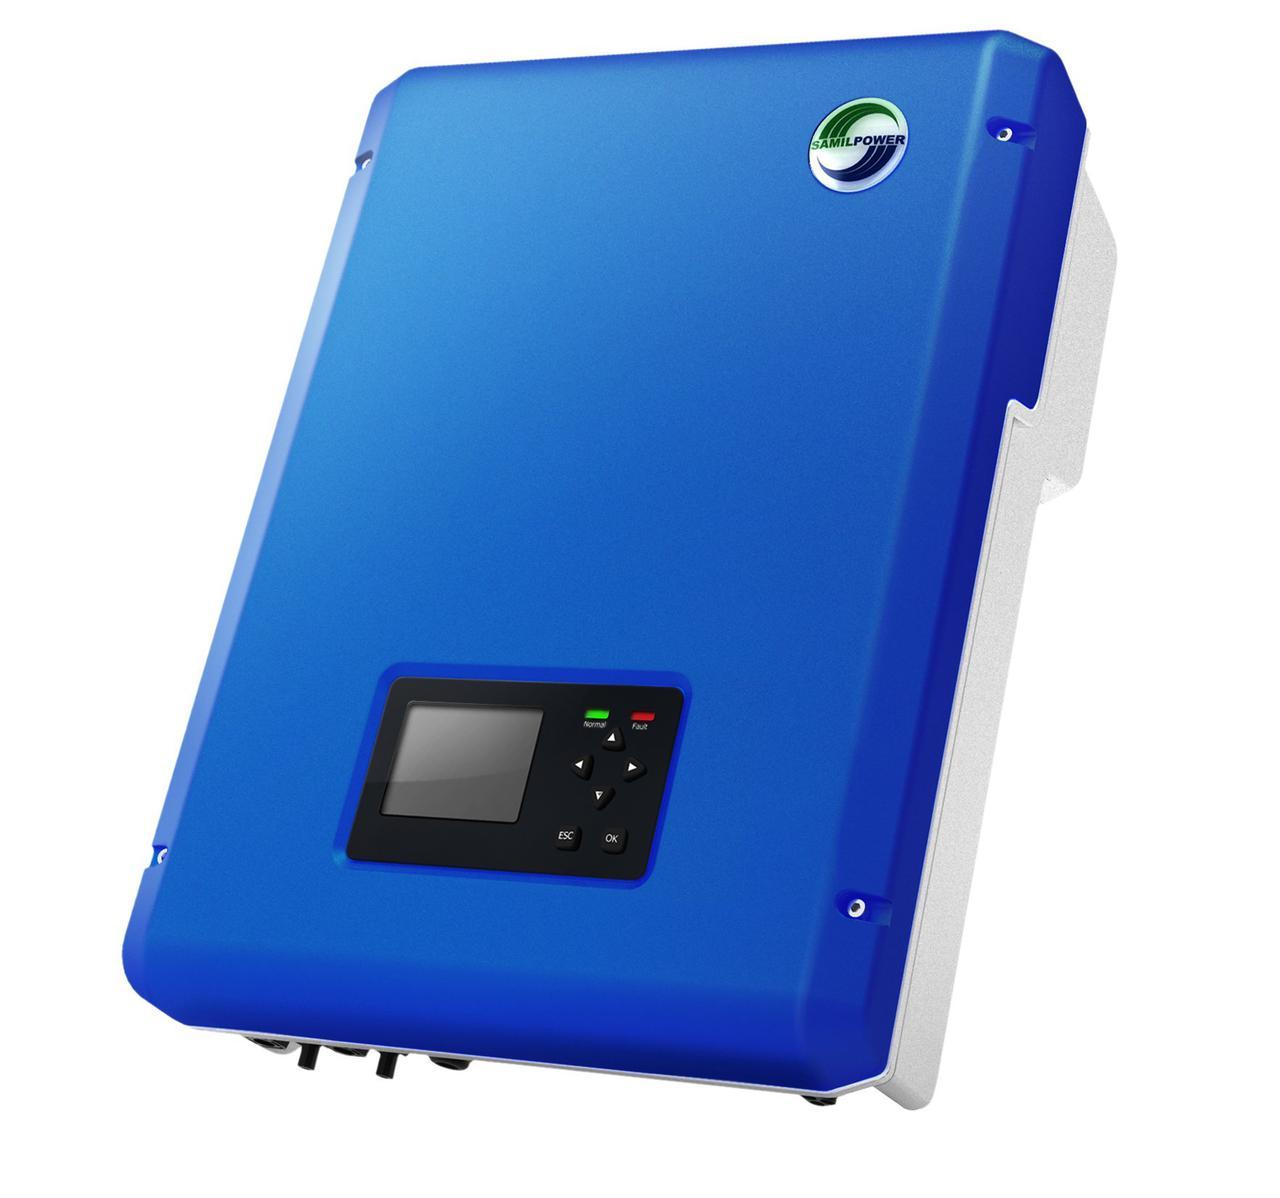 Сетевой инвертор SolarRiver 4000TL-D, 4 кВт 1-фазный